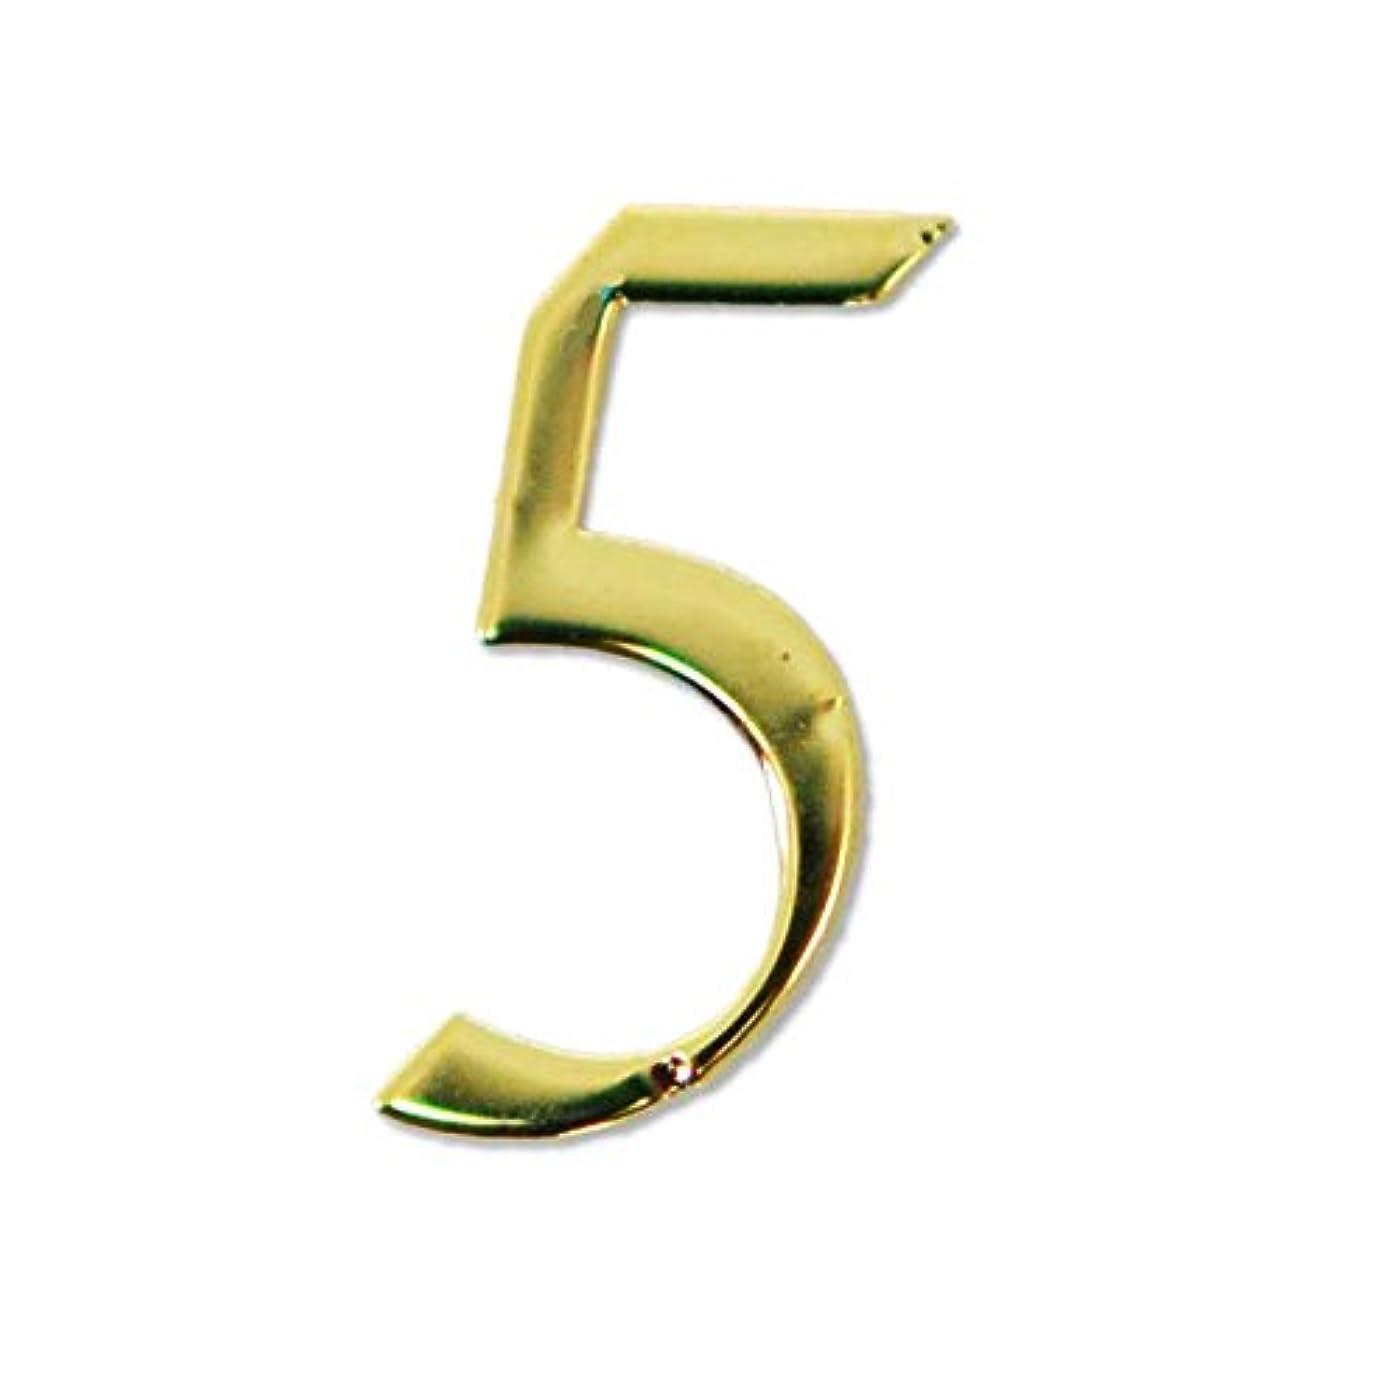 ハング収容するあたたかい数字の薄型メタルパーツ ゴールド 30枚 (5(five/五)3mm×5mm)